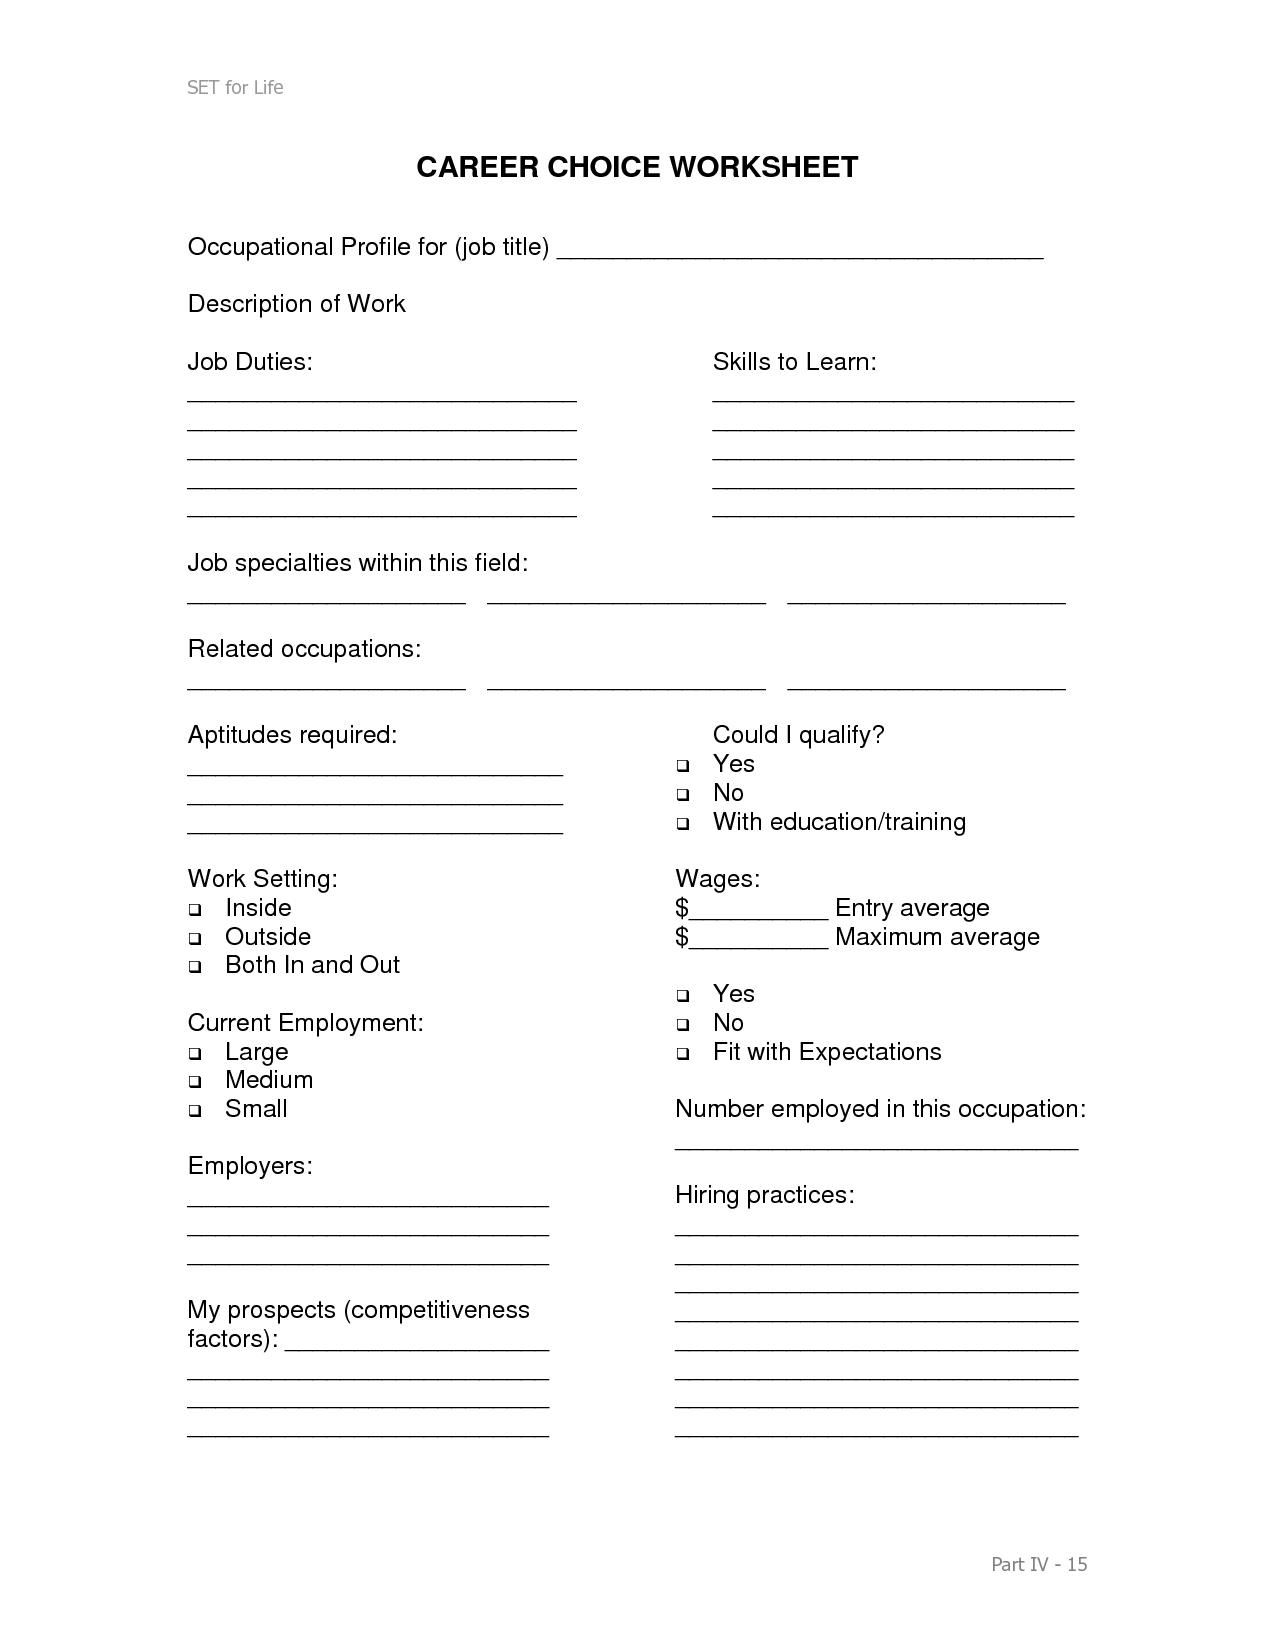 Research Credit Audit Technique Guide